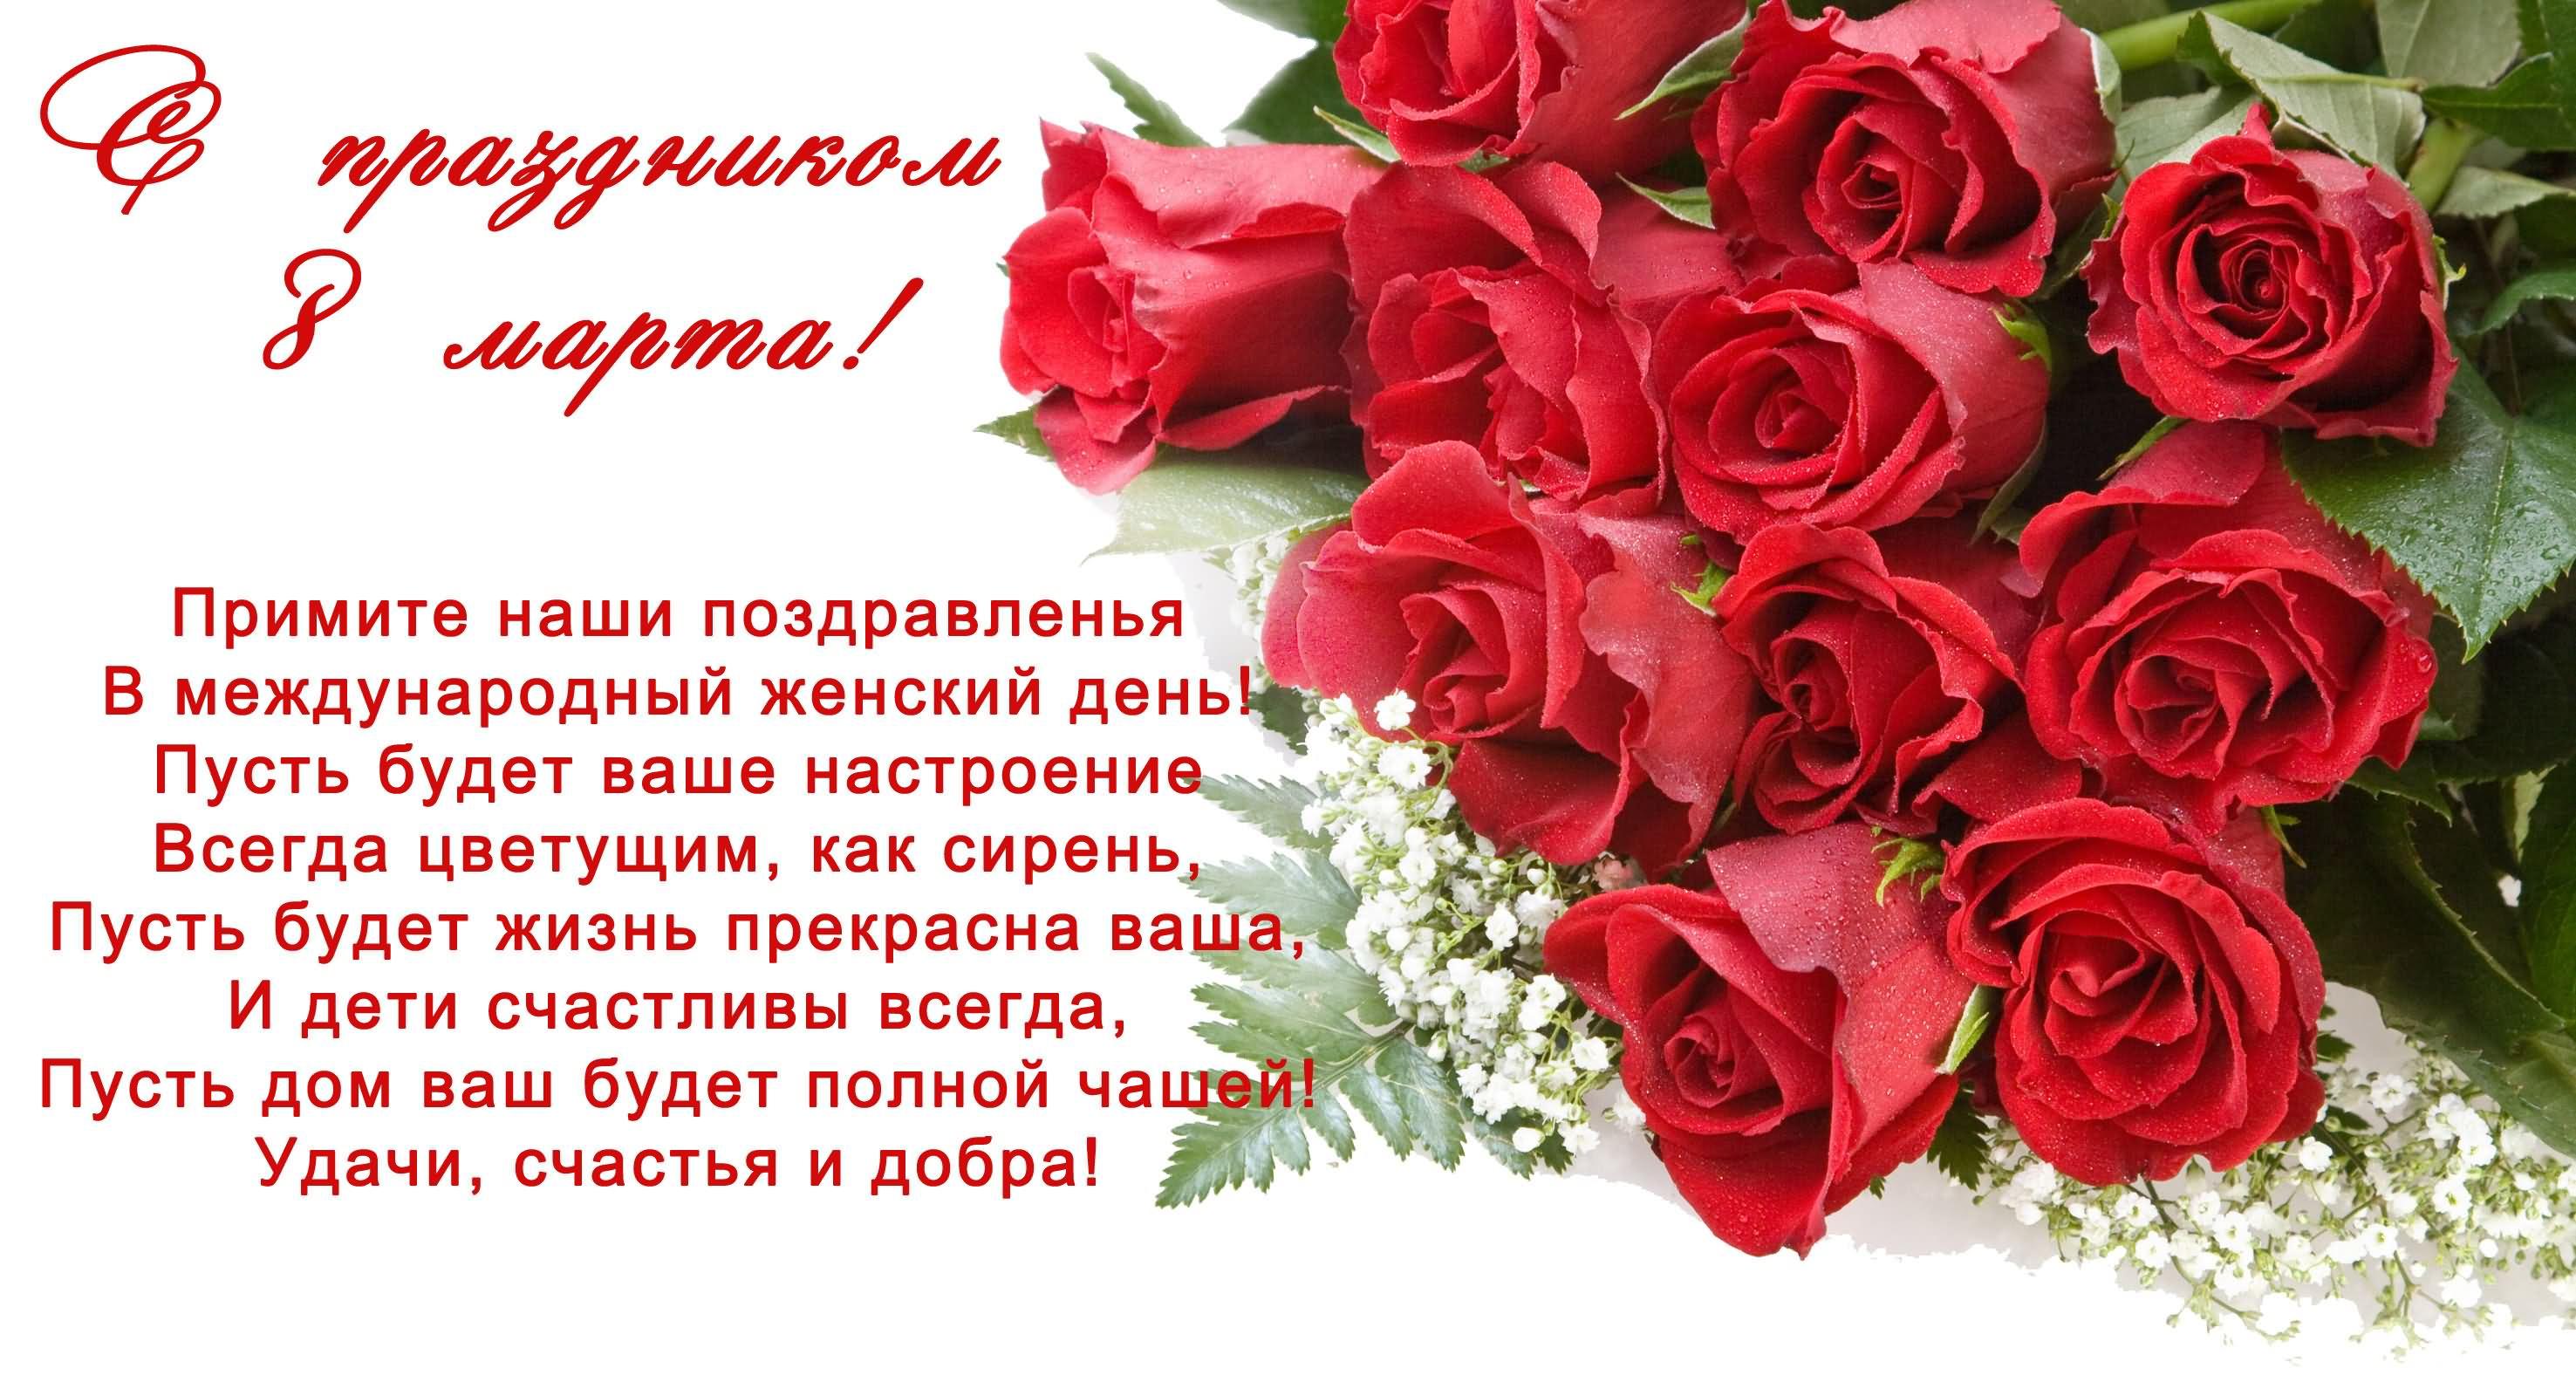 Поздравления в картинках с 8 марта коллегам женщинам